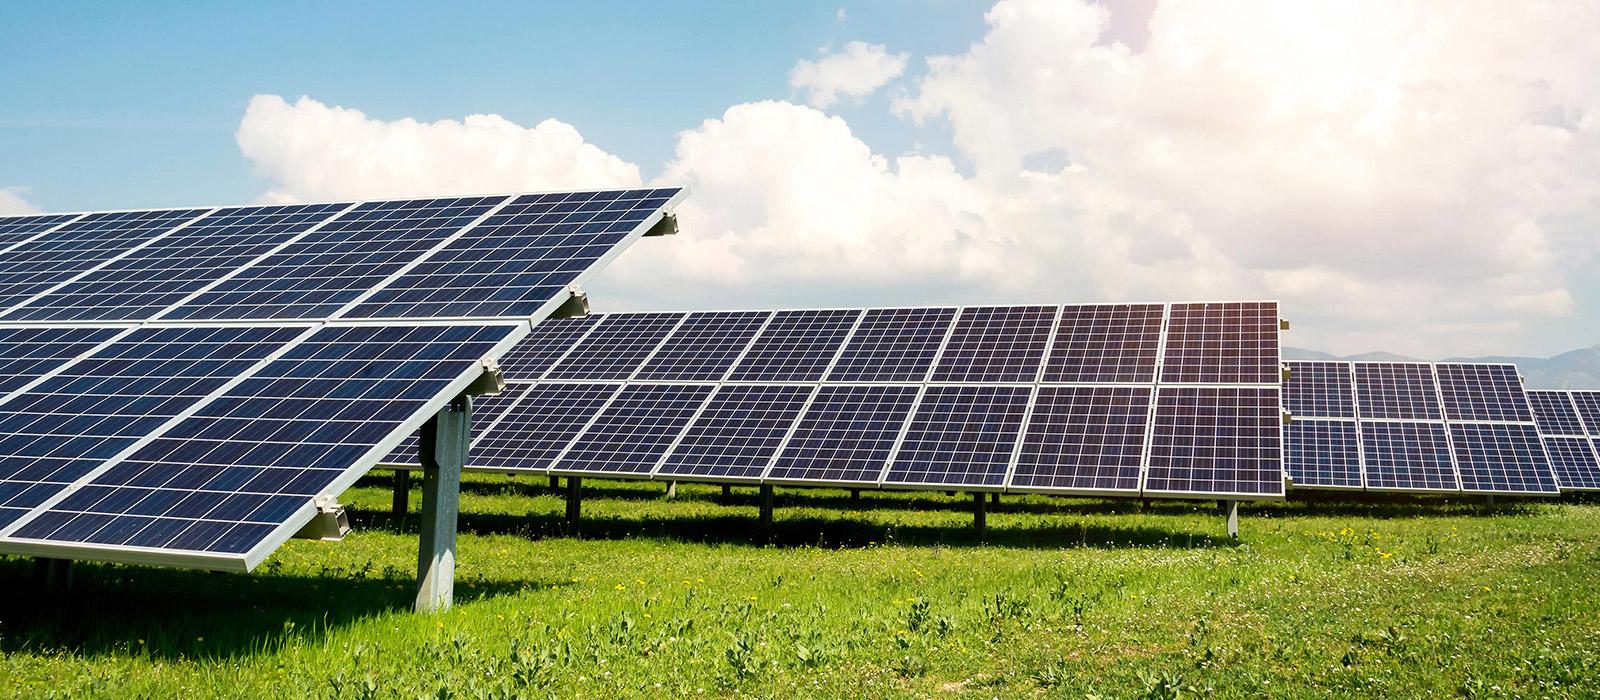 Vendere Energia Elettrica Da Fotovoltaico energyplace.it : vendere installazioni di fotovoltaico